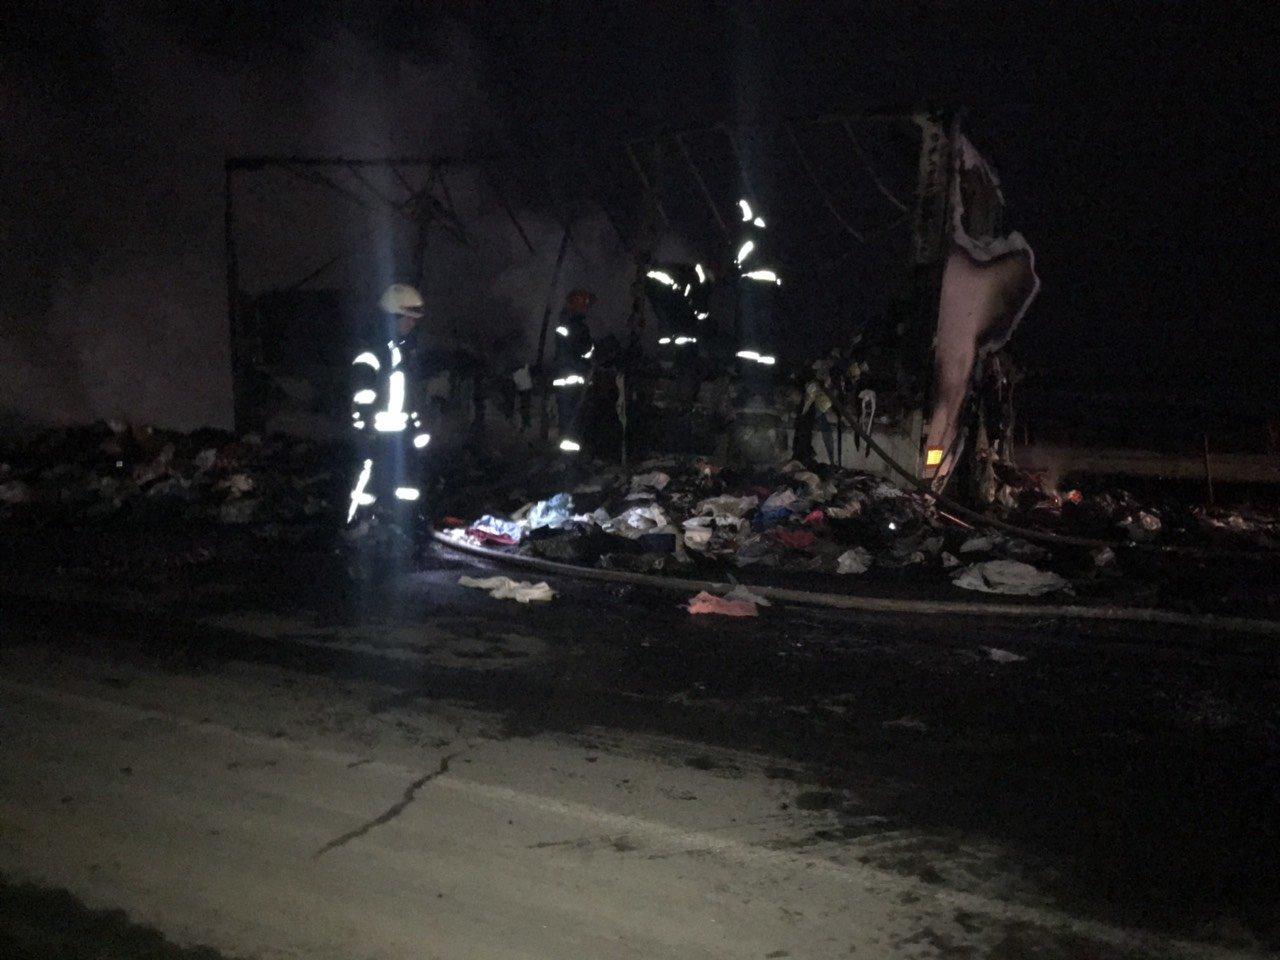 Хмельницький район: рятувальники ліквідували пожежу причепу із вживаним одягом, фото-1